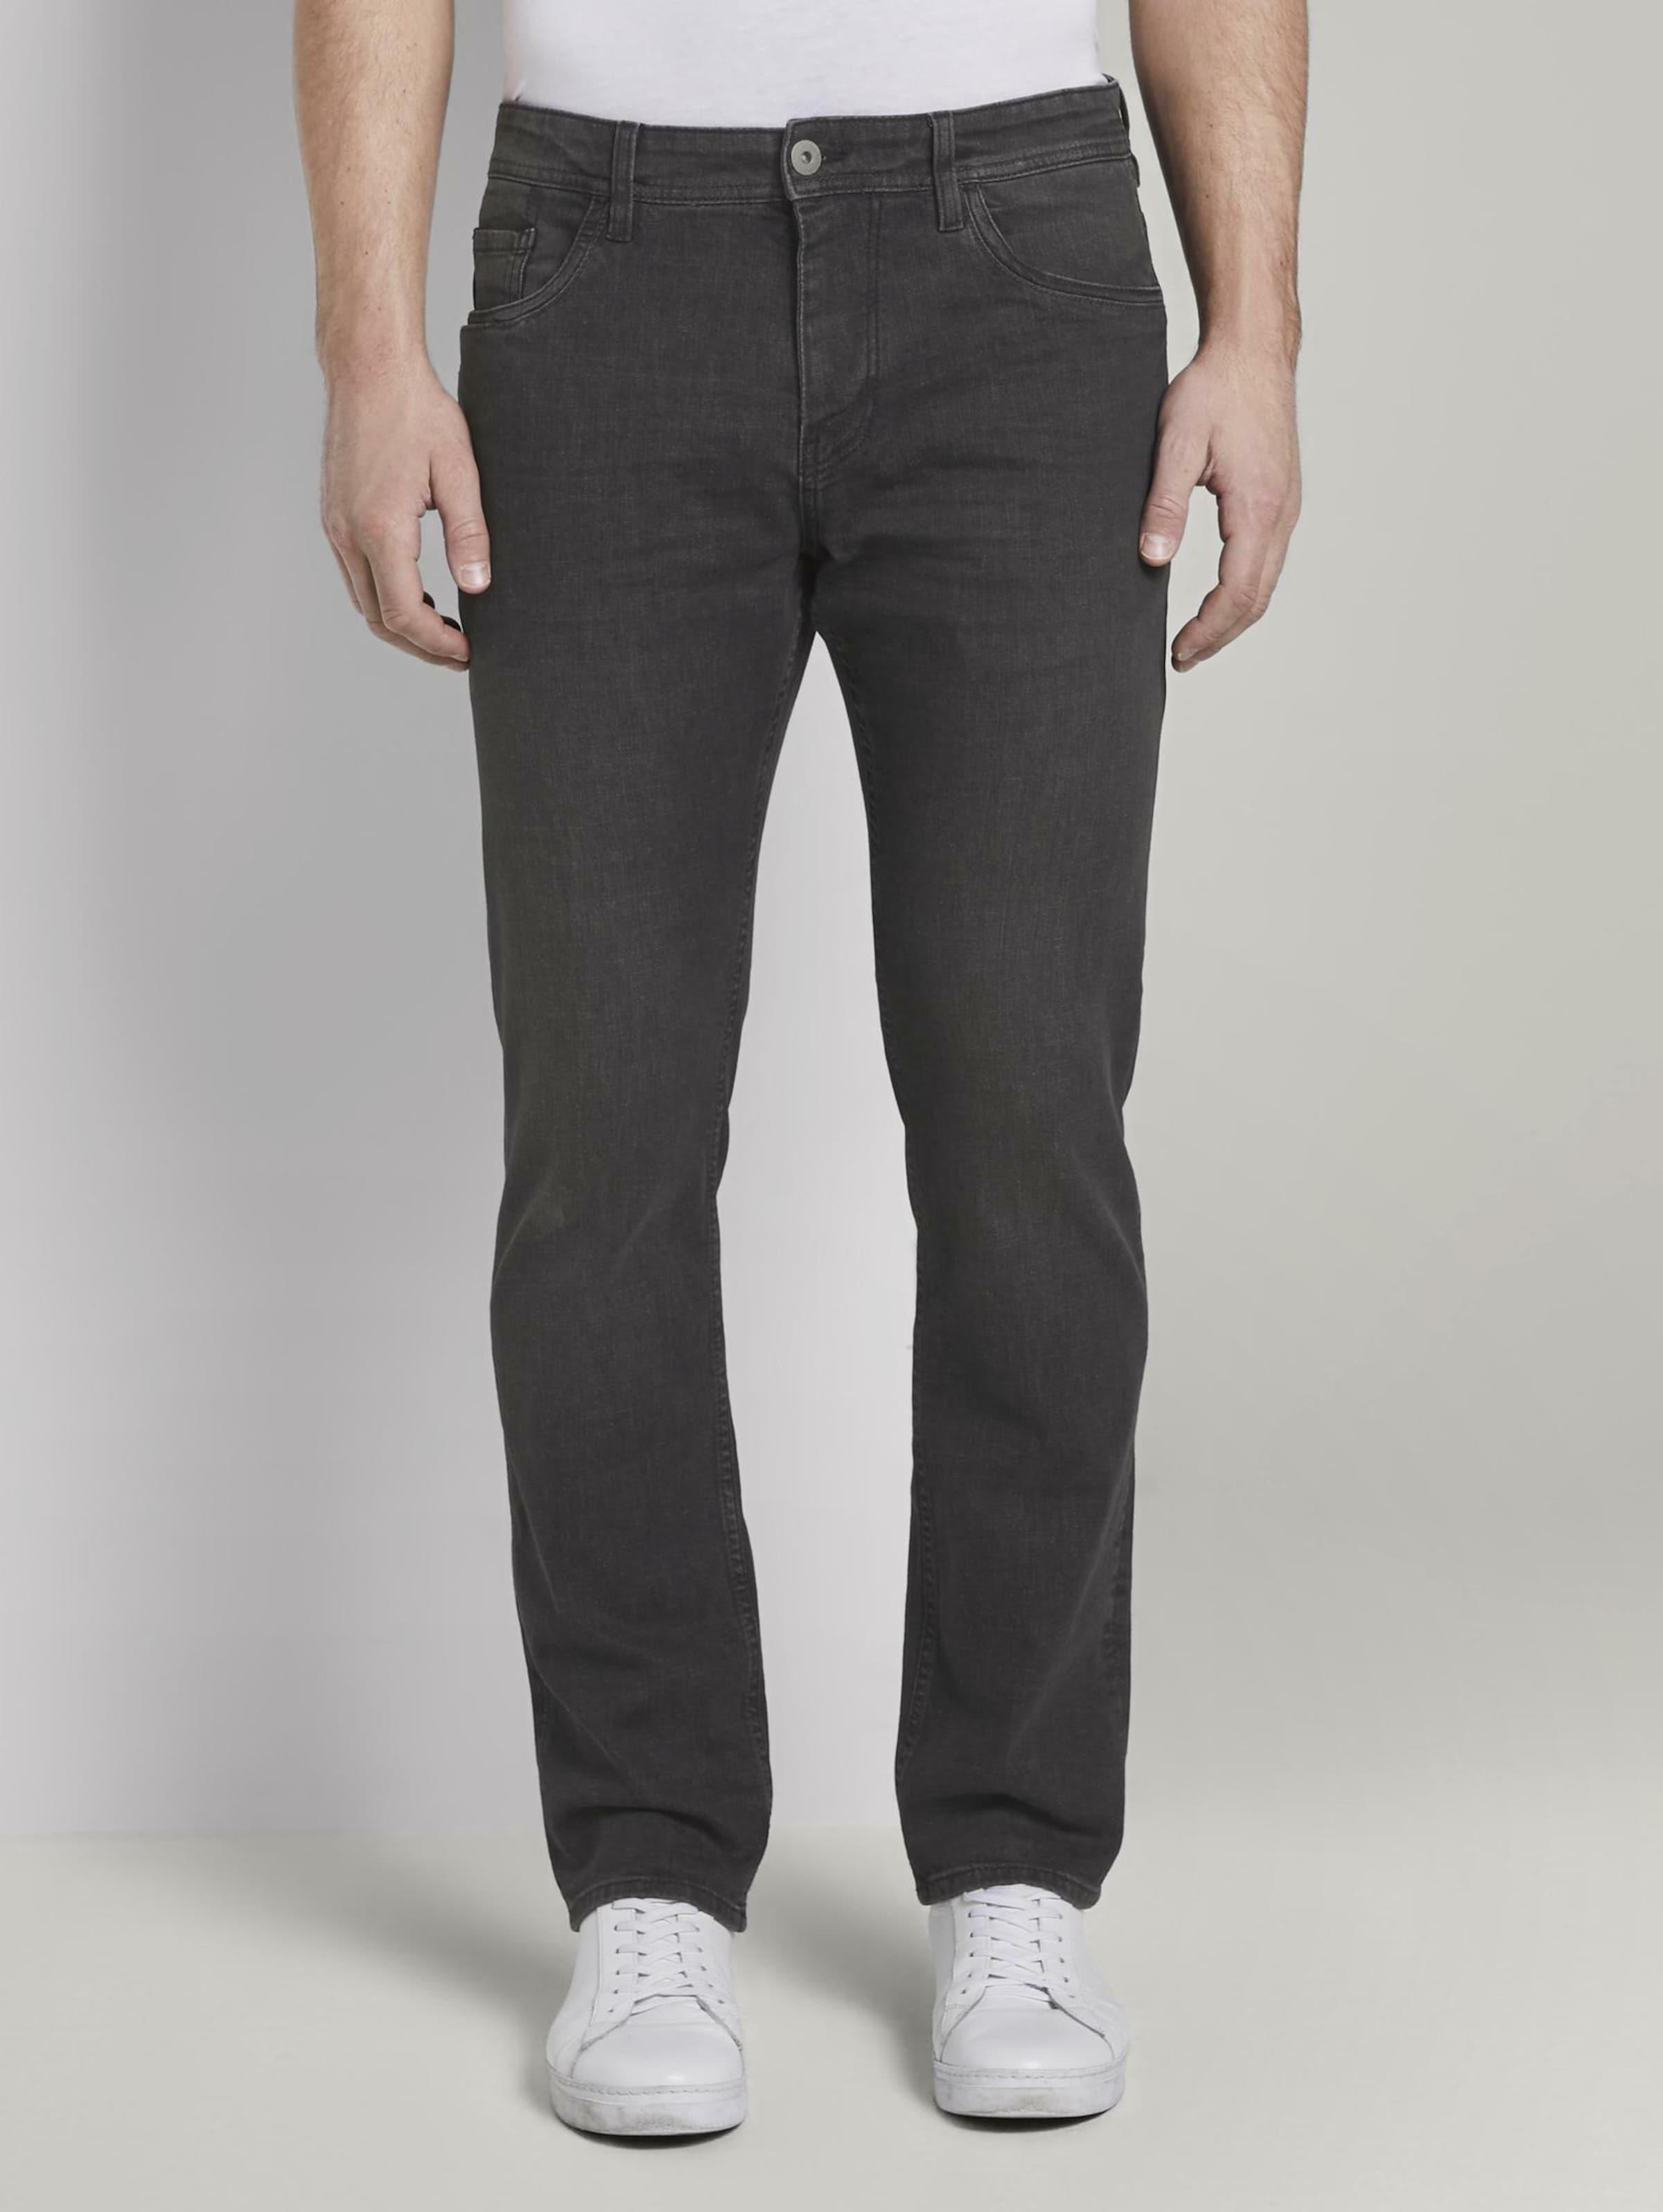 TOM TAILOR Jeans 'Josh' in black denim Unifarben 1017302091